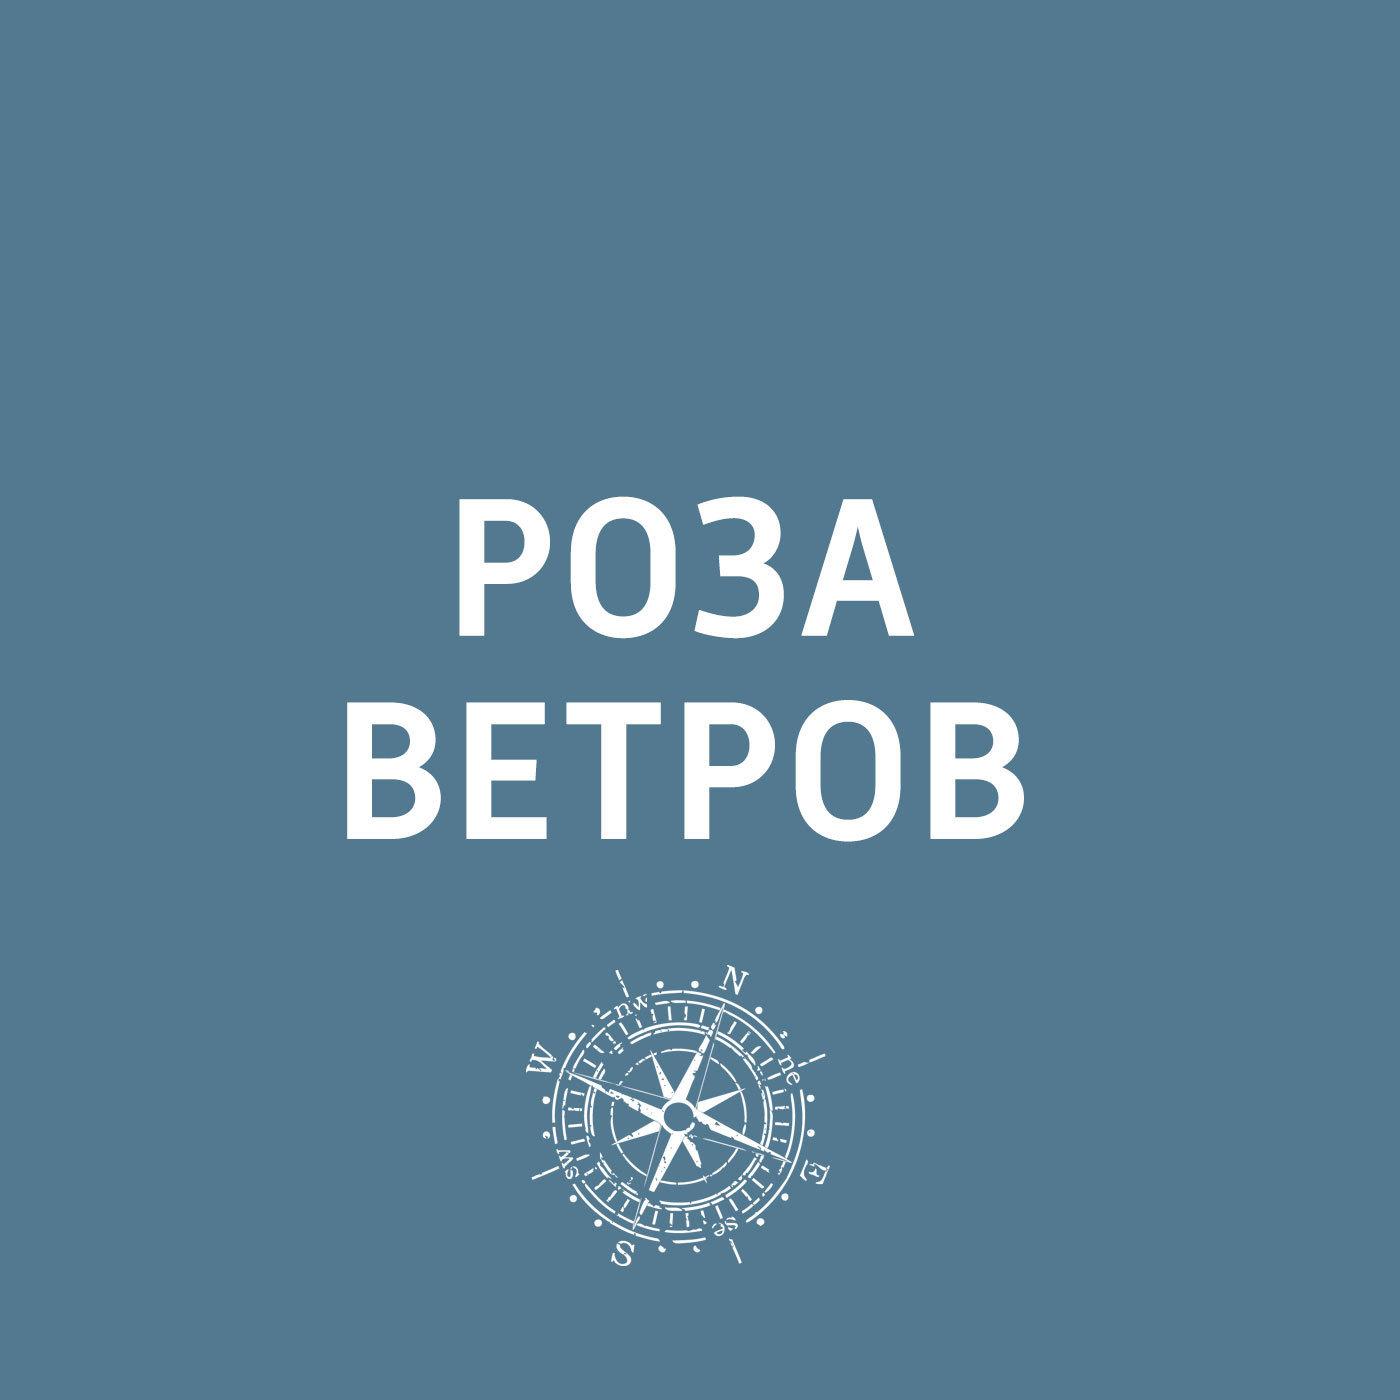 Творческий коллектив шоу «Уральские самоцветы» Достопримечательностях чешского города Плзень: музеи, природа и парки, пенное СПА